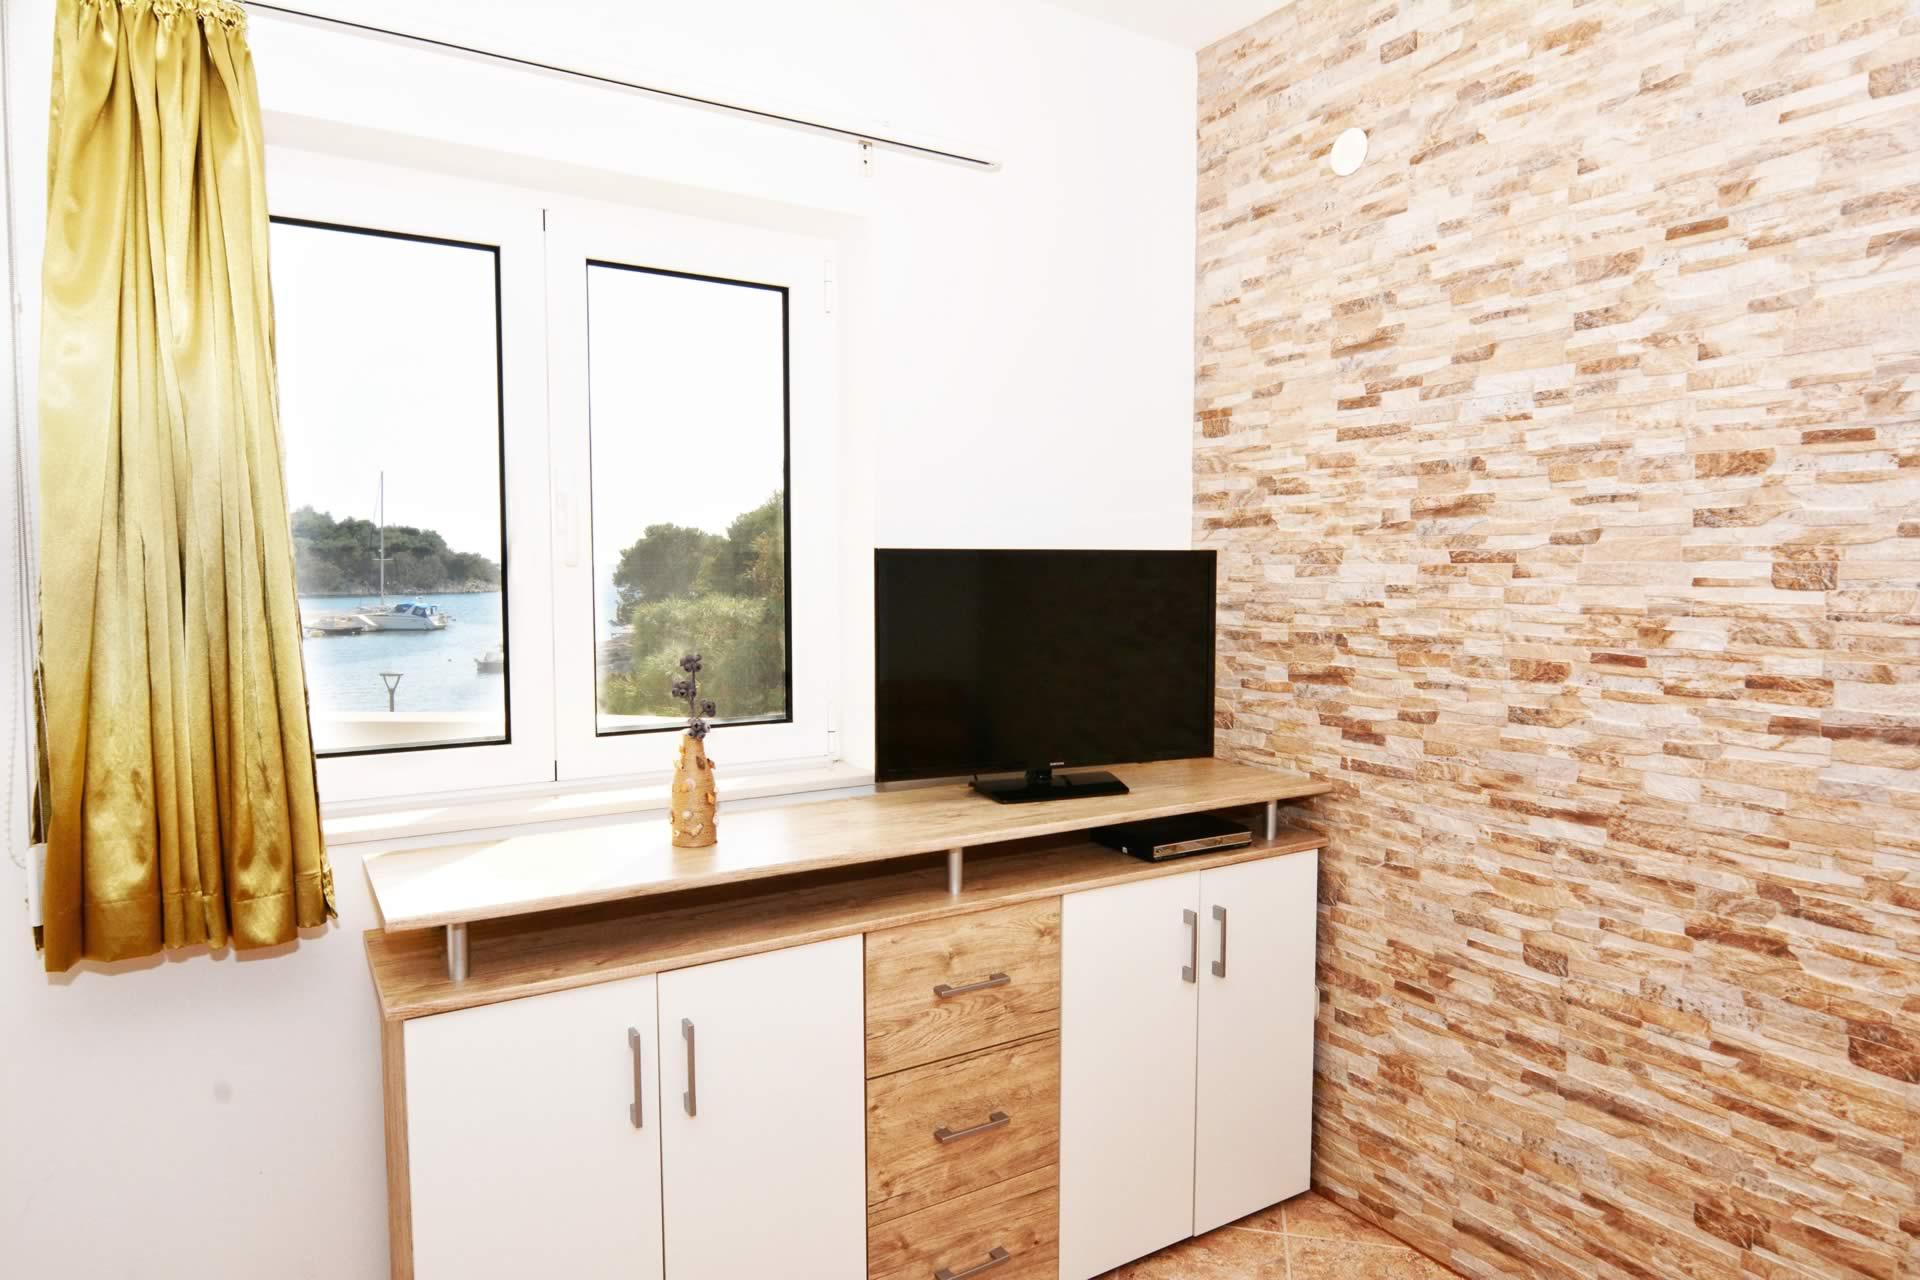 Ferienwohnungen und Apartments für Ihren Bootsurlaub mit Bootsanleger, Bootsliegeplatz